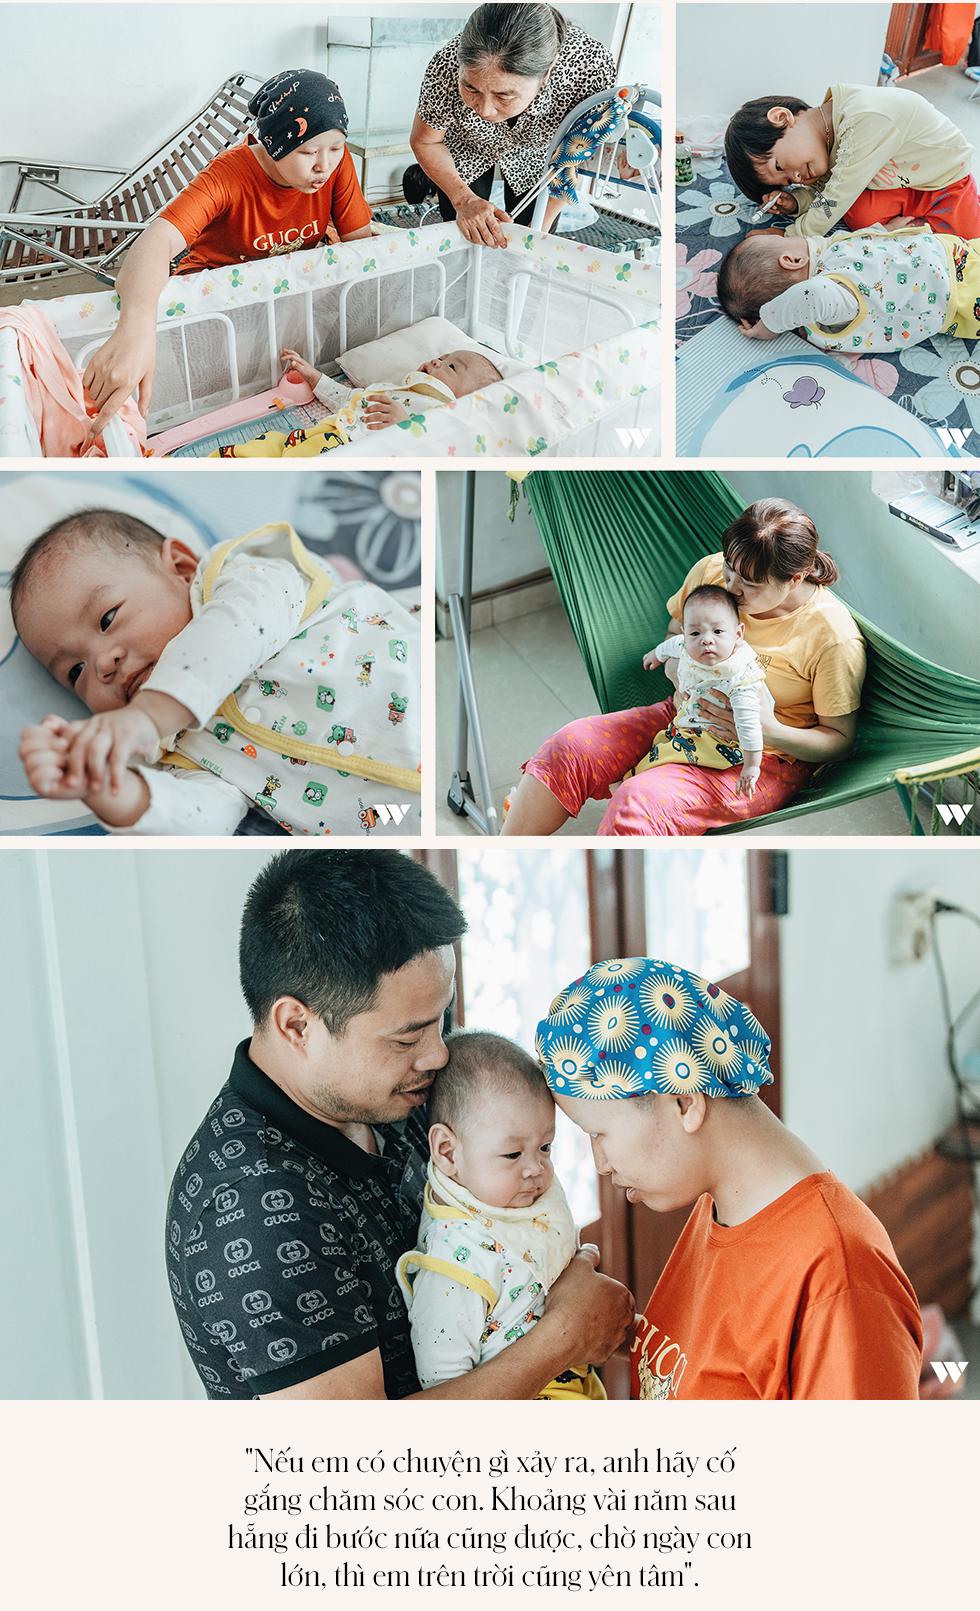 Đỗ Bình An đã được 6 tháng tuổi: Câu chuyện phi thường của người mẹ ung thư giai đoạn cuối, quyết sinh con bằng tất cả tình yêu thương và lòng dũng cảm - Ảnh 15.